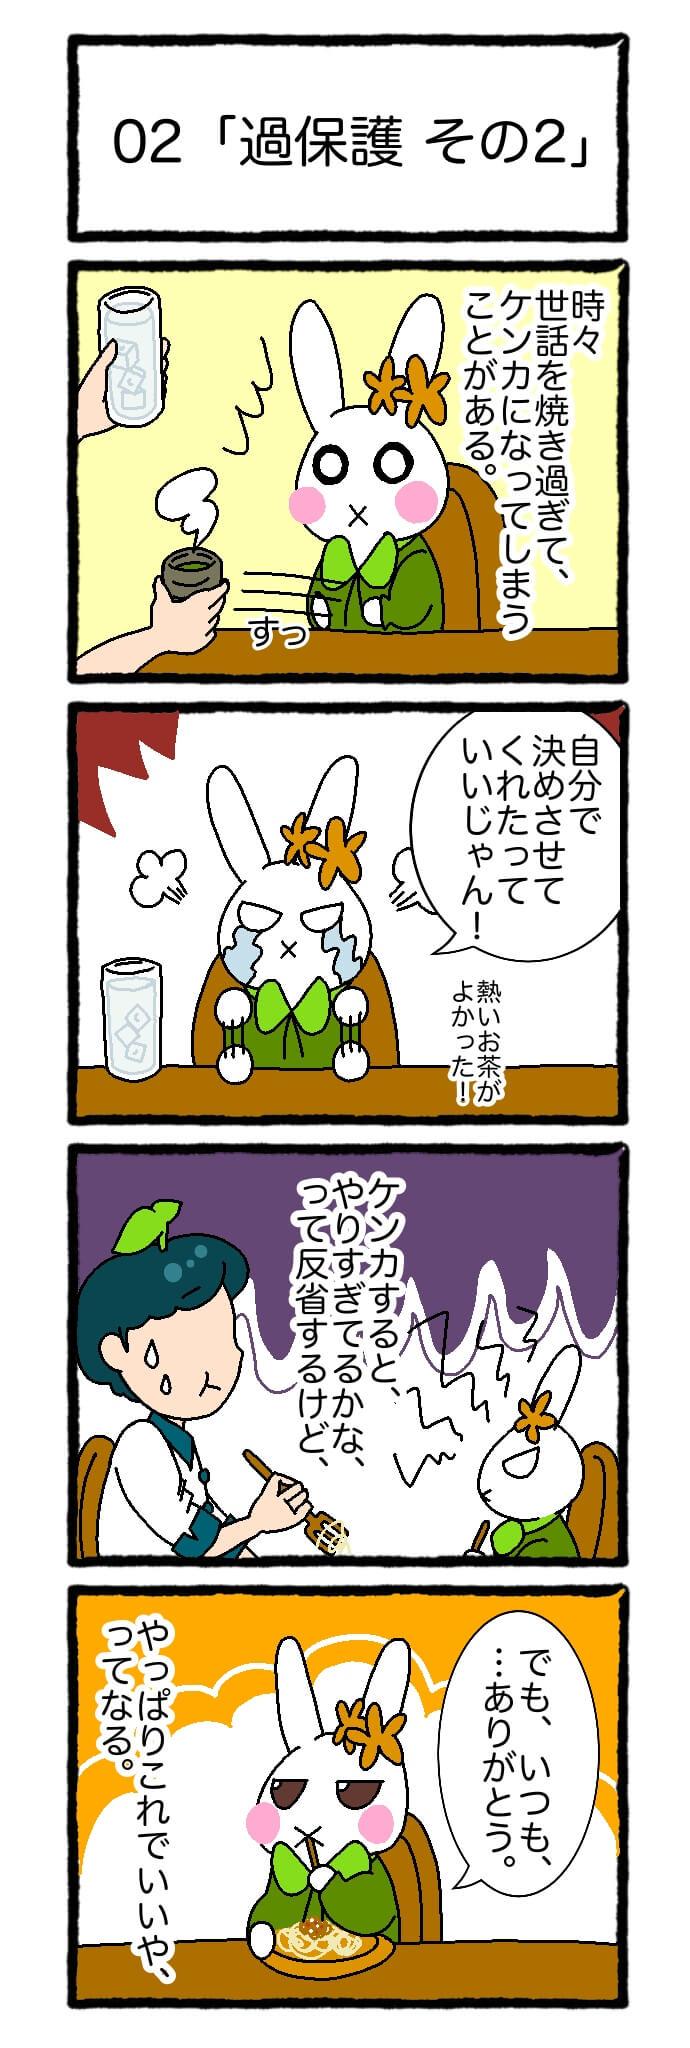 【4コマ漫画】ハルさんと。。(1)